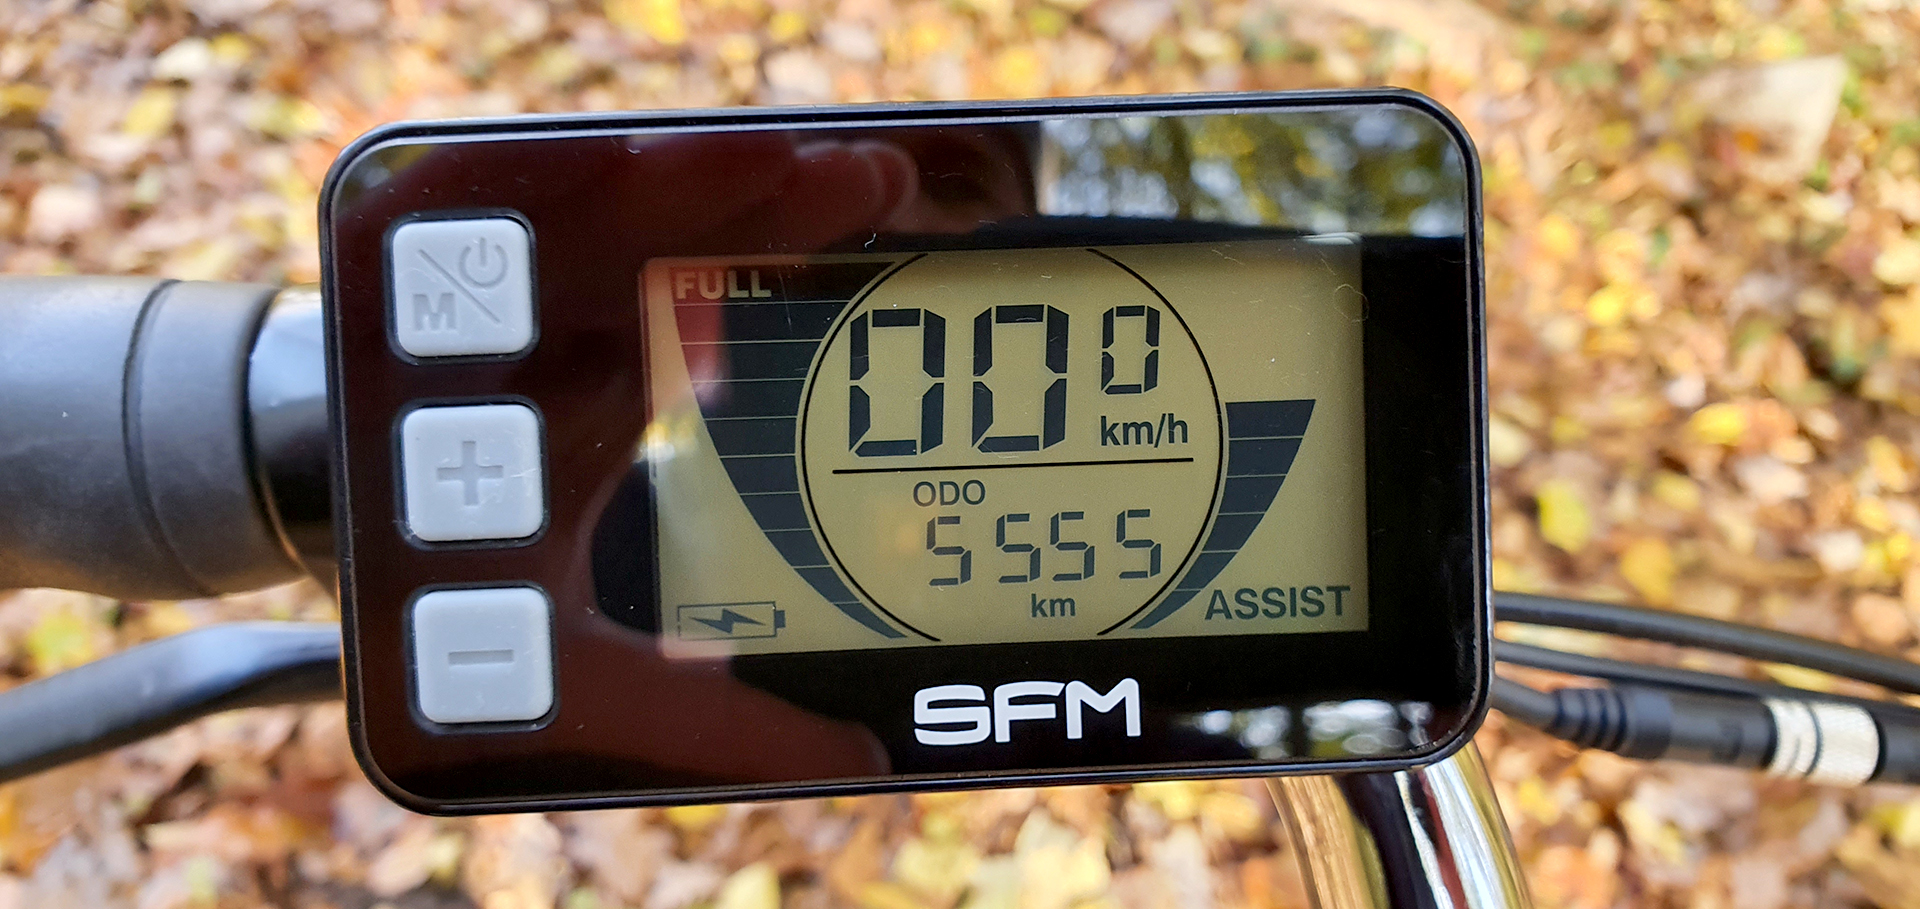 5.555 km insgesamt mit dem Pedelec gefahren